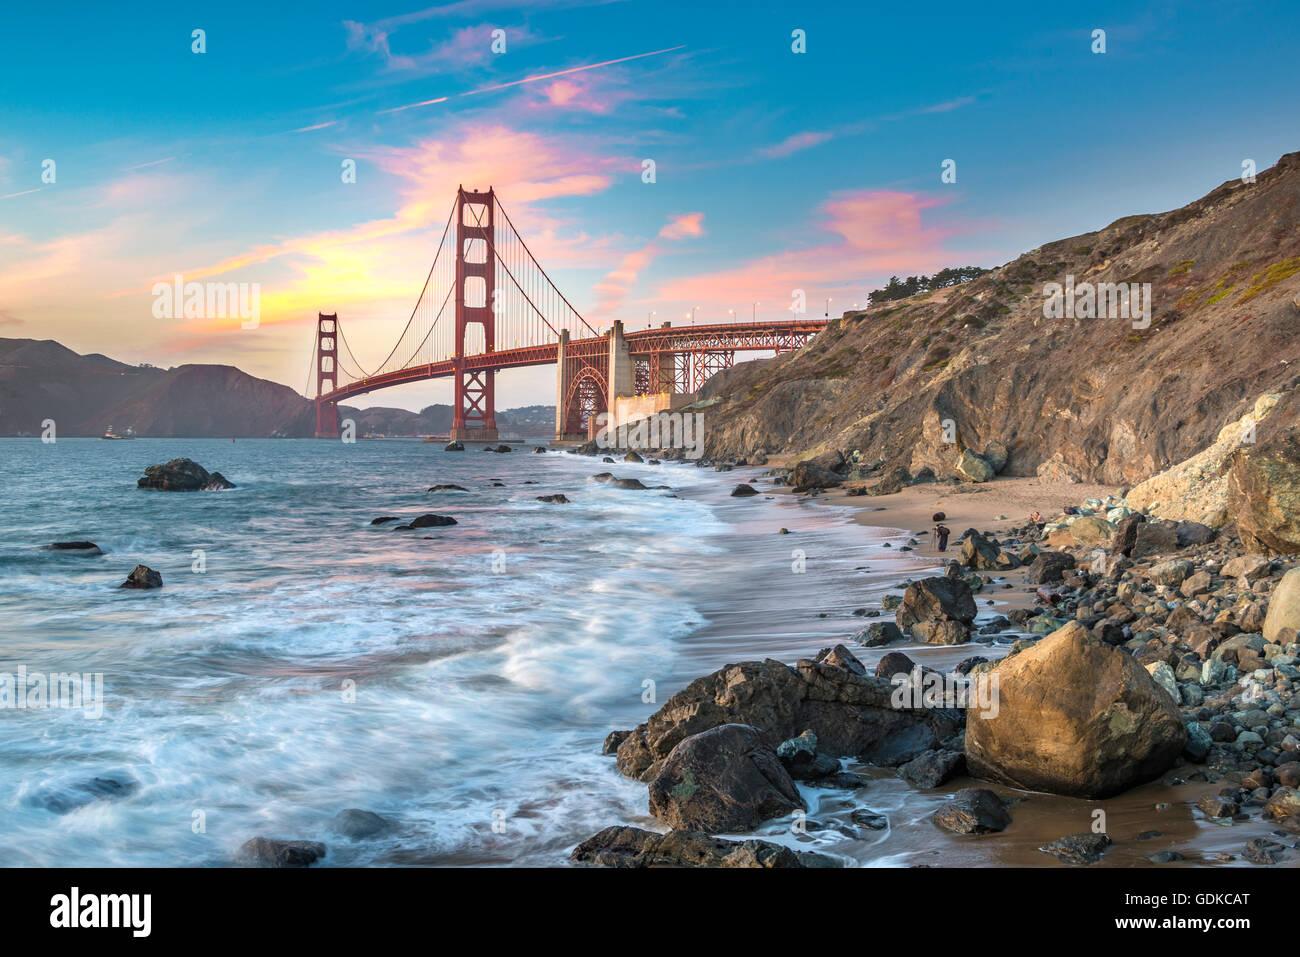 Puente Golden Gate, la luz del atardecer, Marshall's Beach, costa rocosa, San Francisco, EE.UU. Imagen De Stock